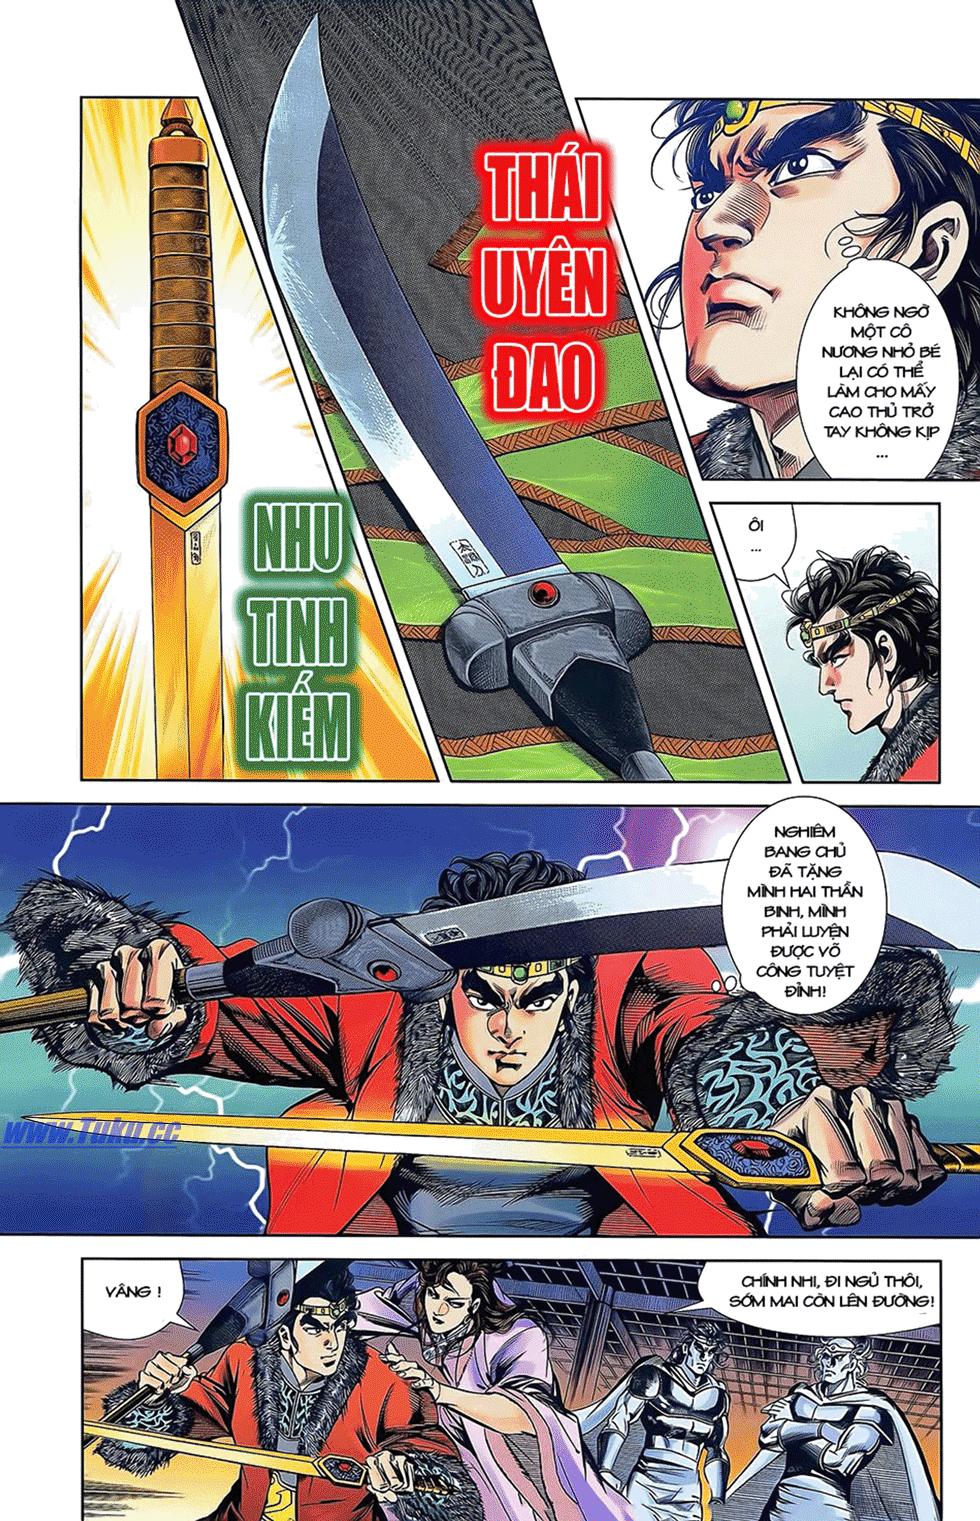 Tần Vương Doanh Chính chapter 12 trang 24